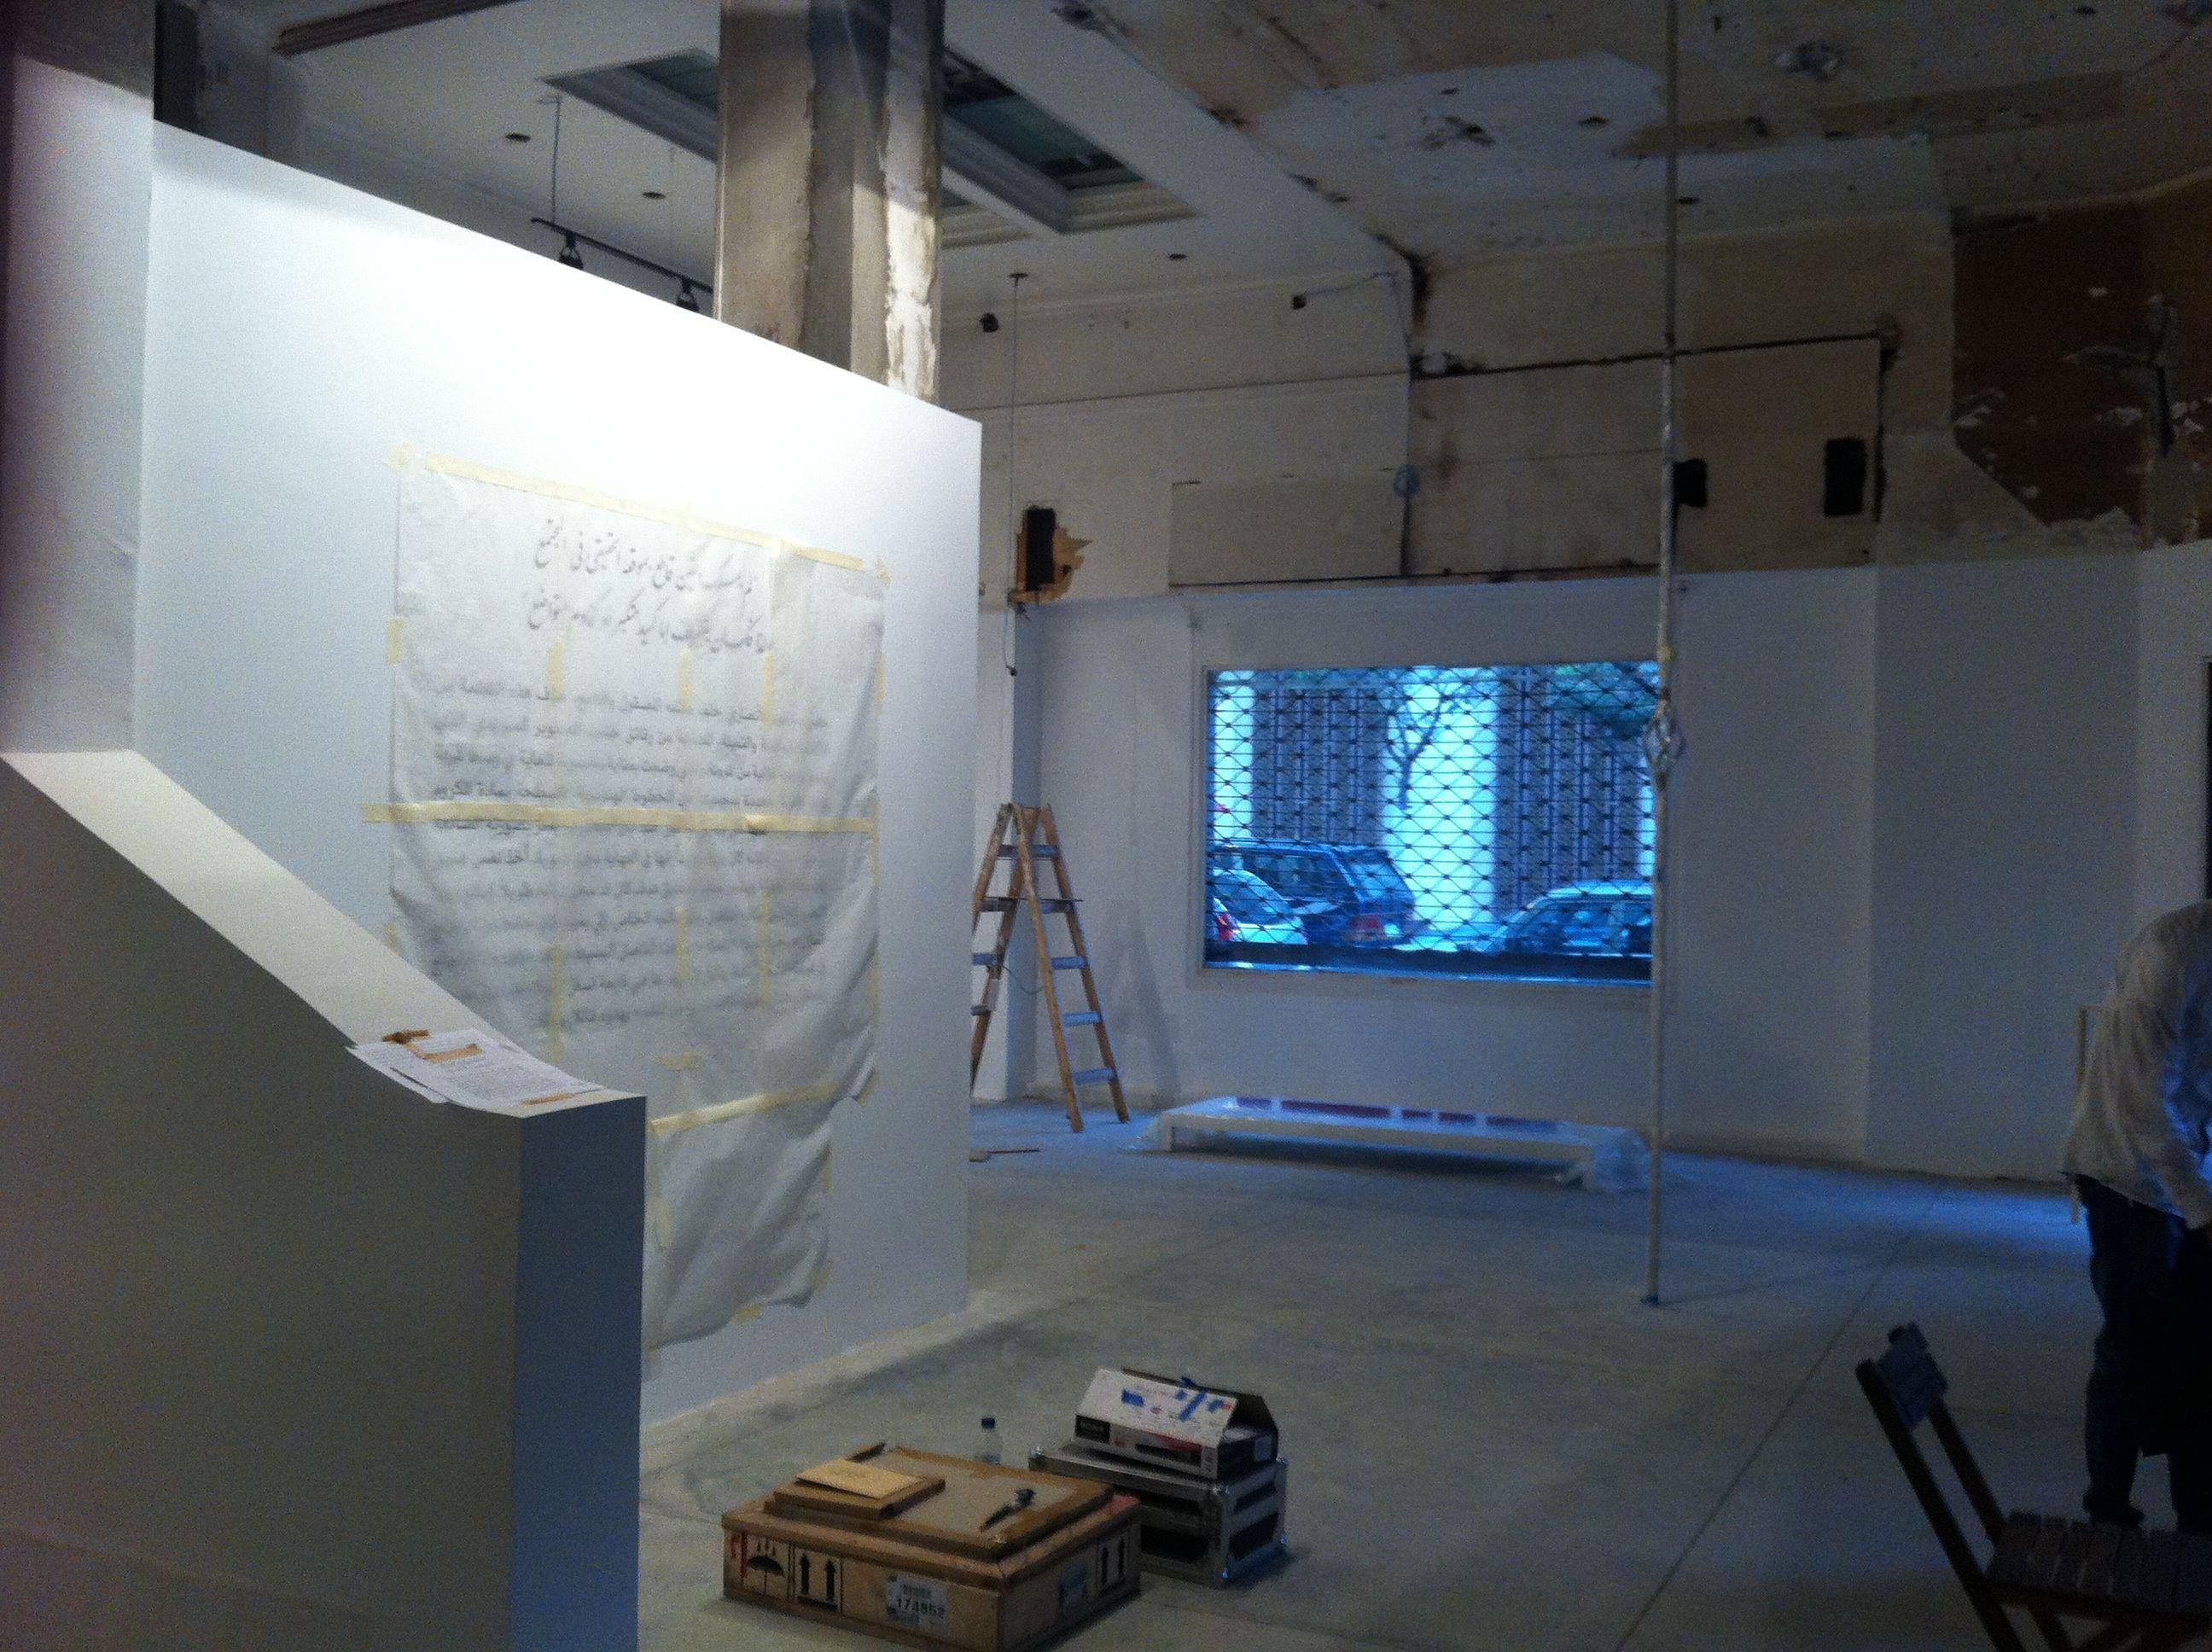 Hassan Khan install